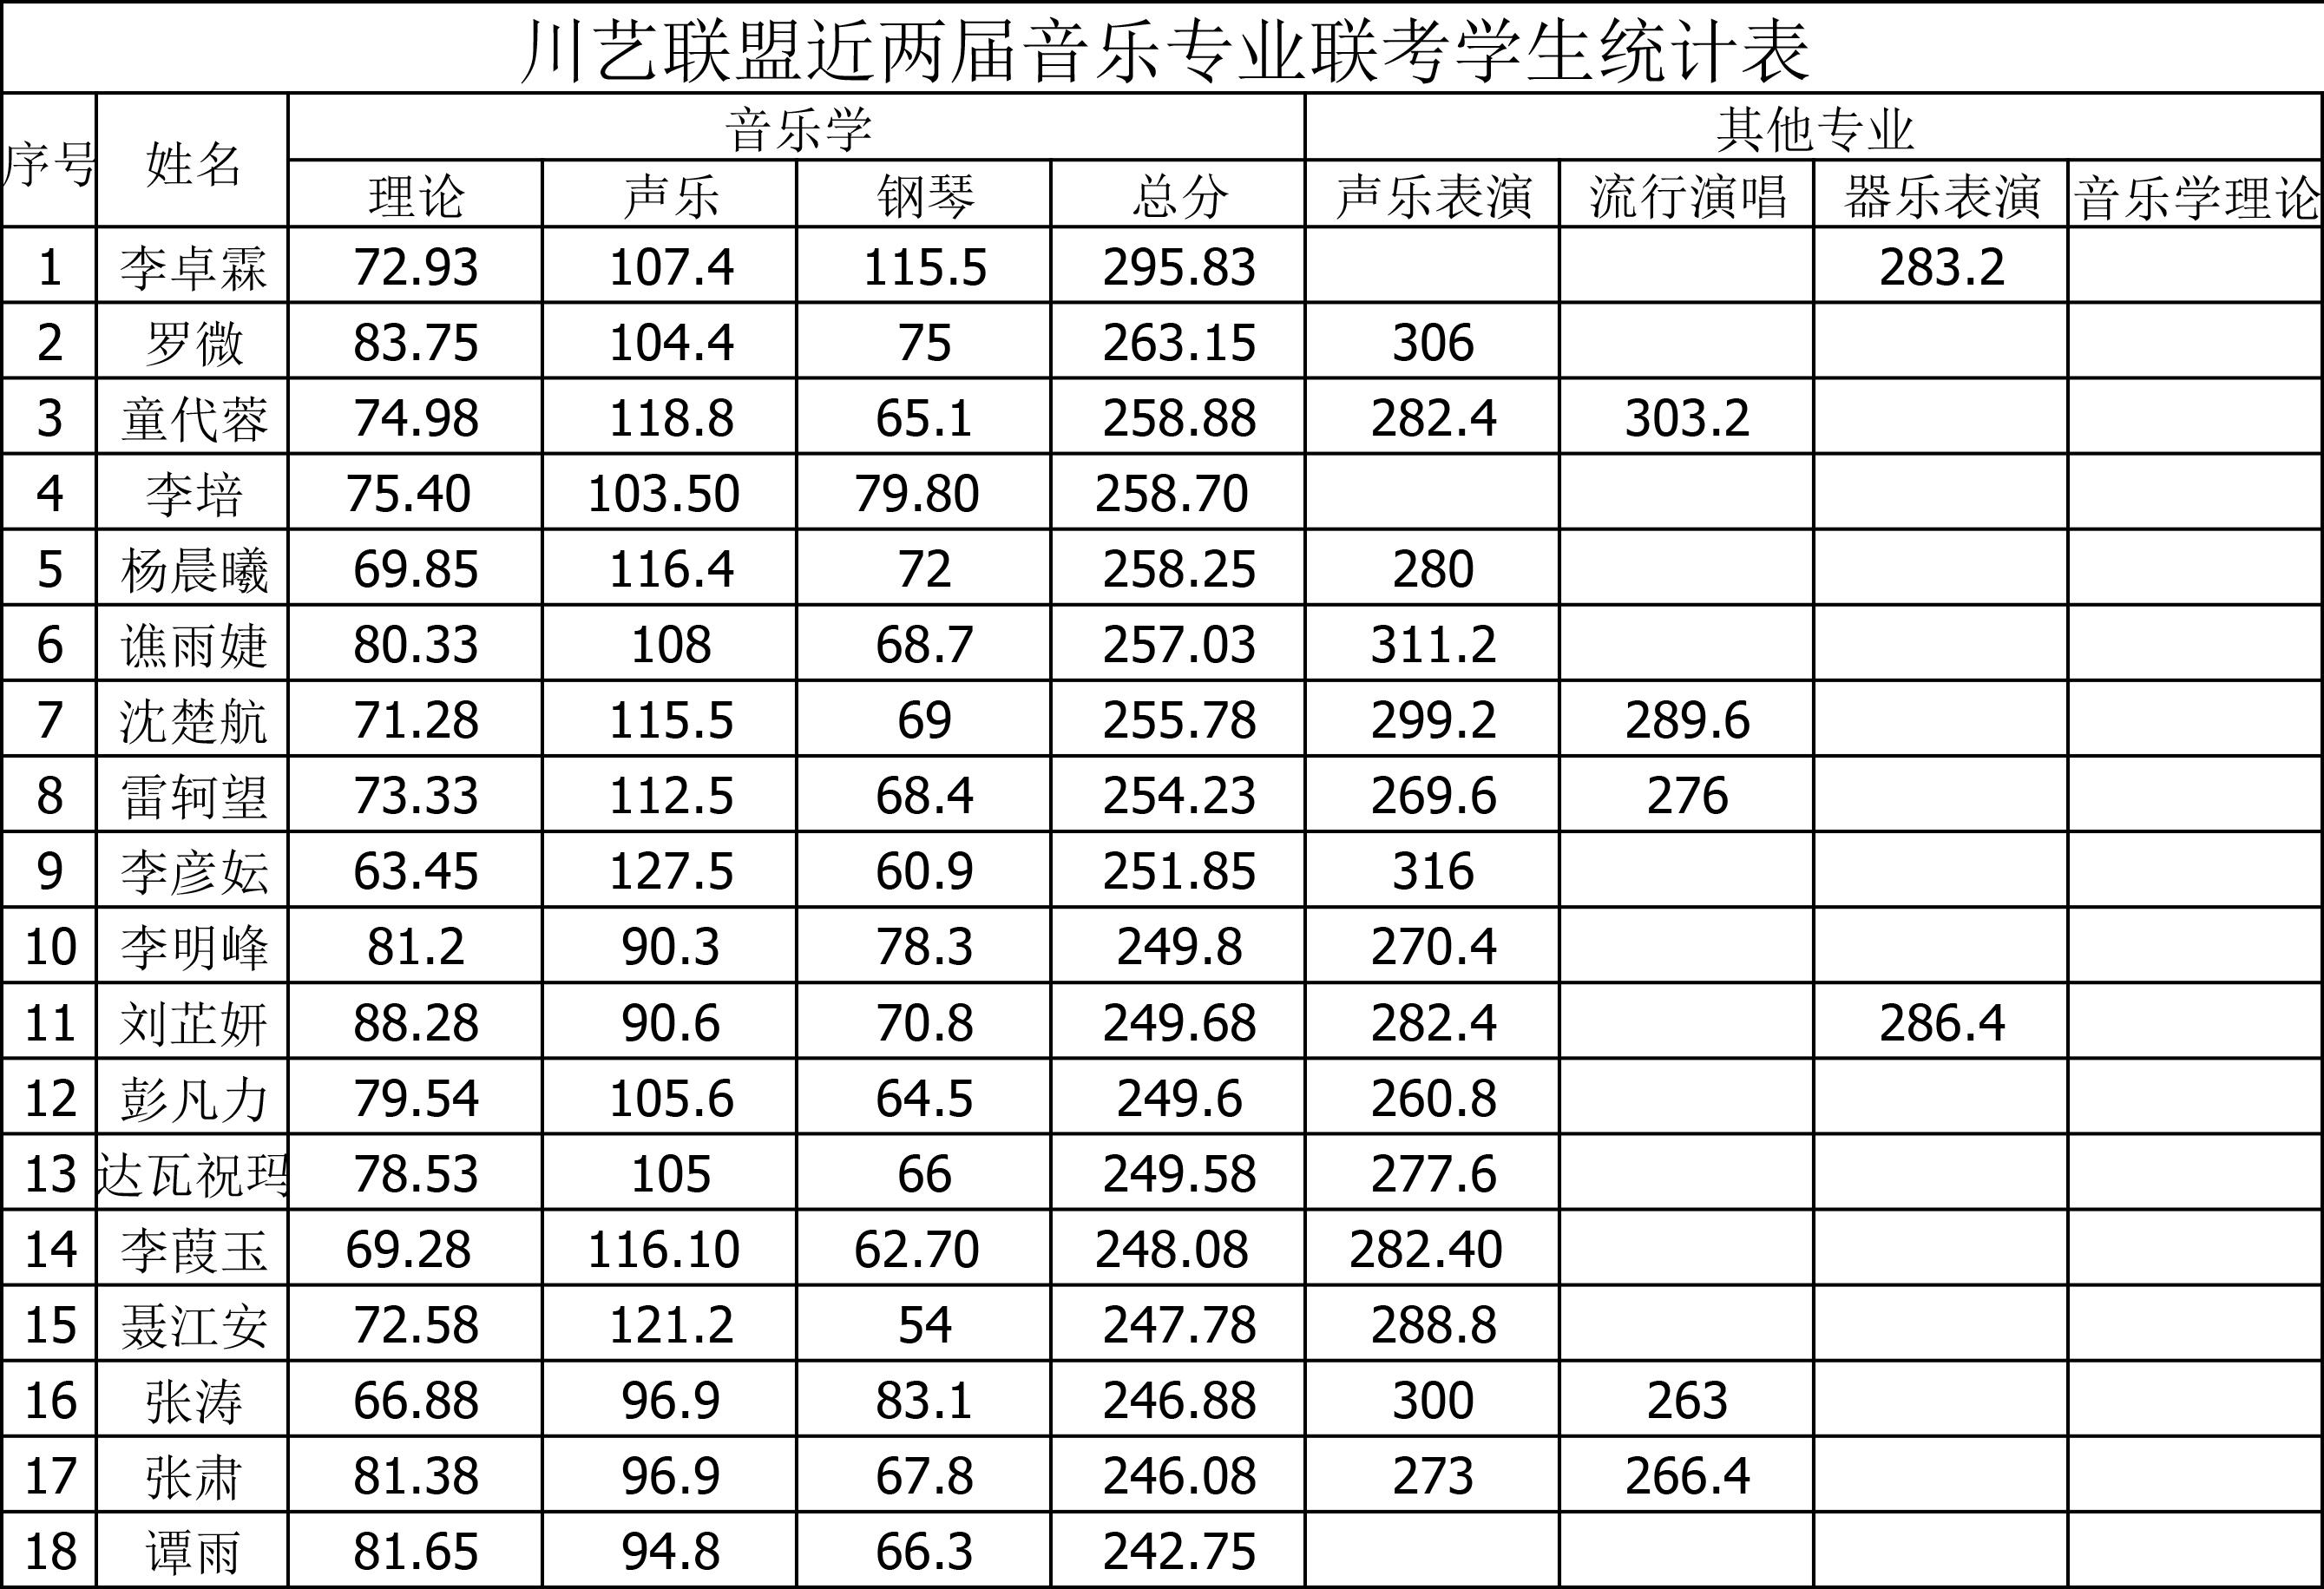 川艺联盟近两届音乐专业联考学生统计表1.doc-1